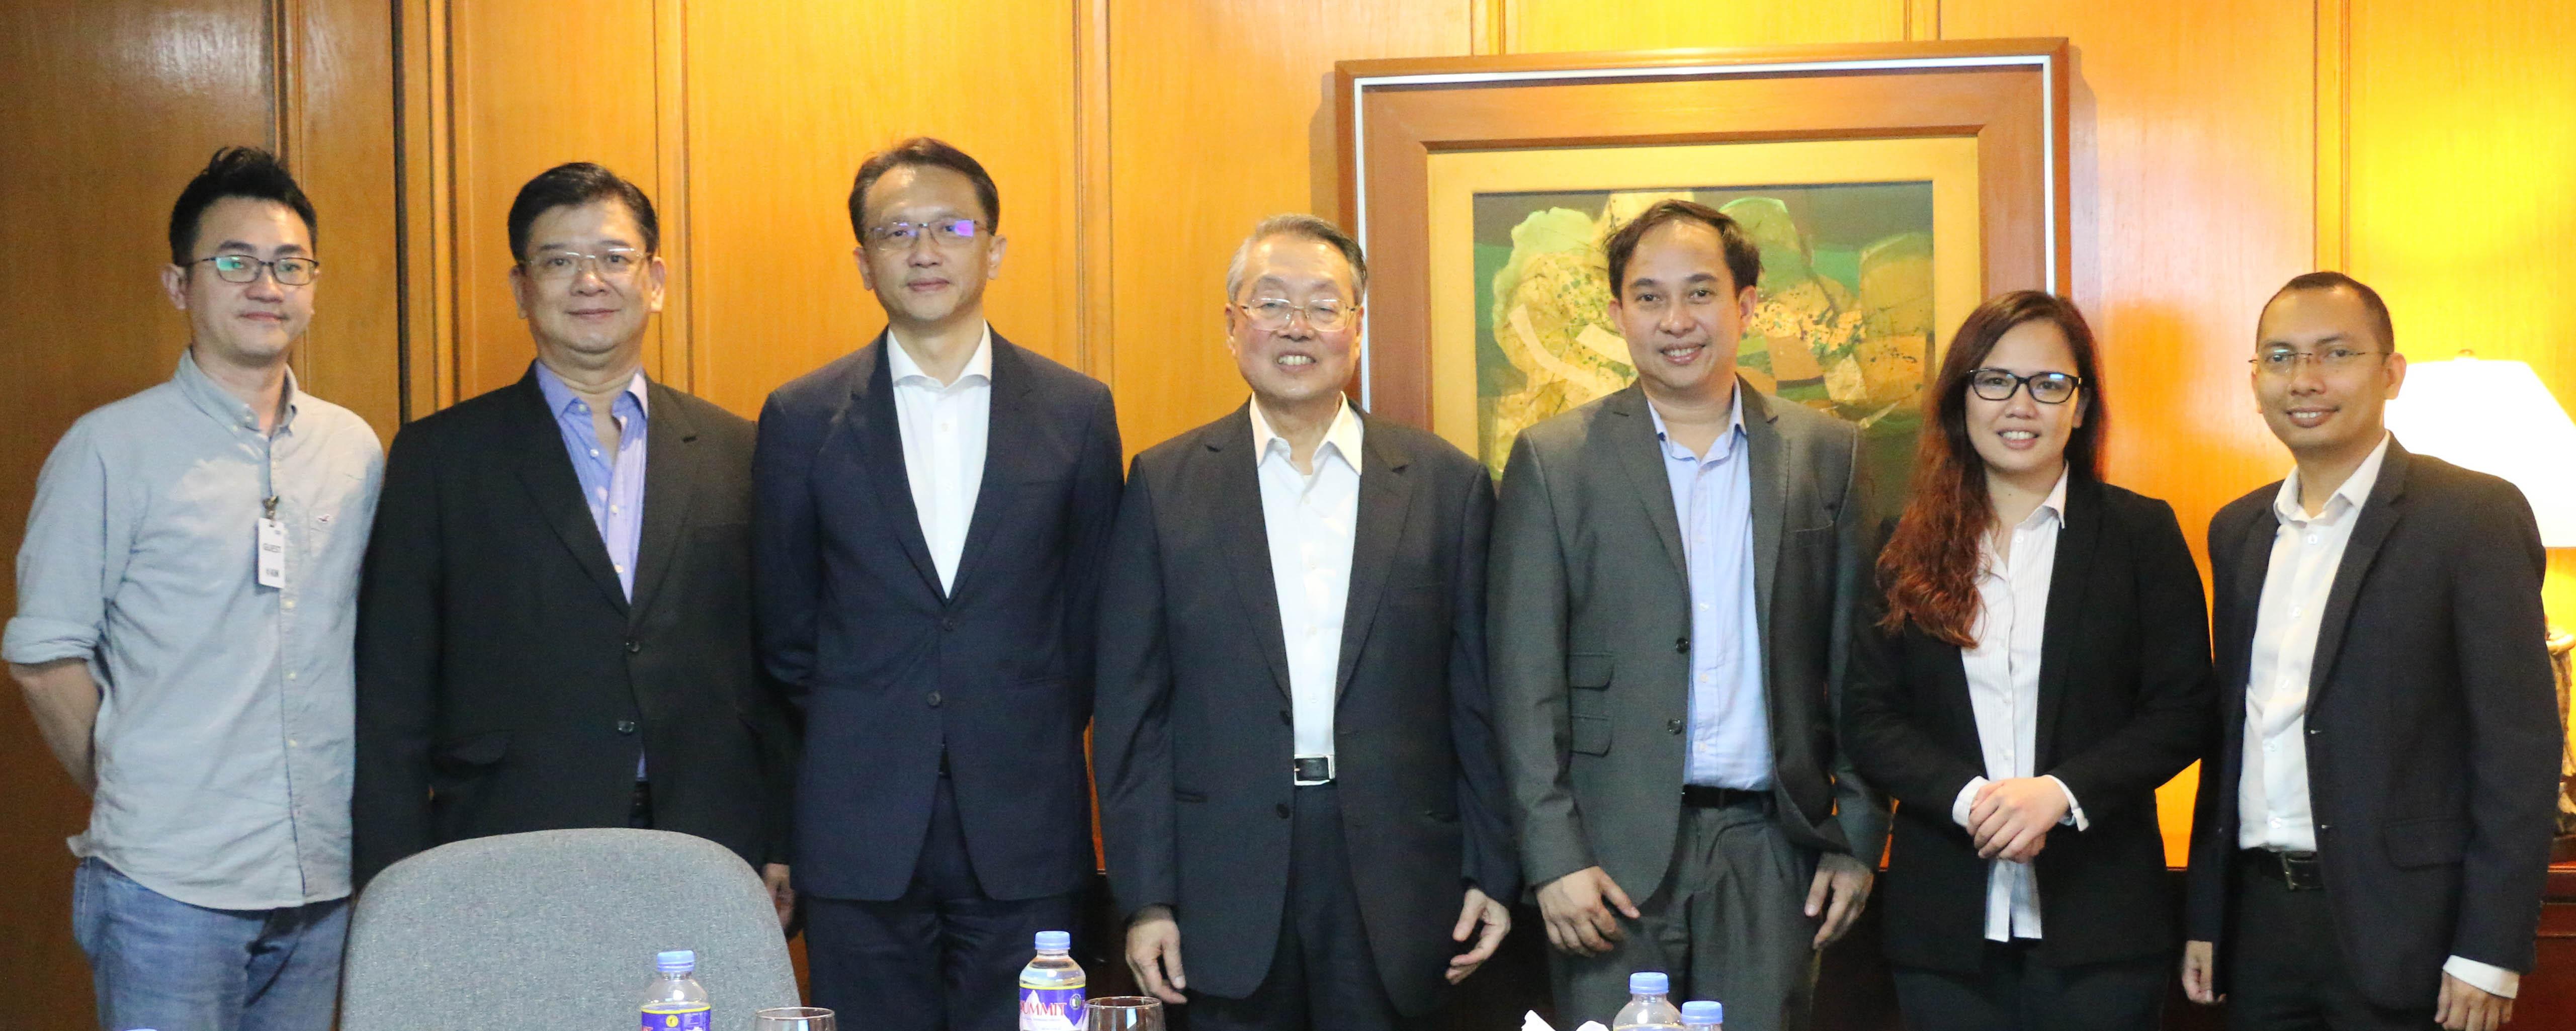 The Acer team with the ACCeSs@AIM team